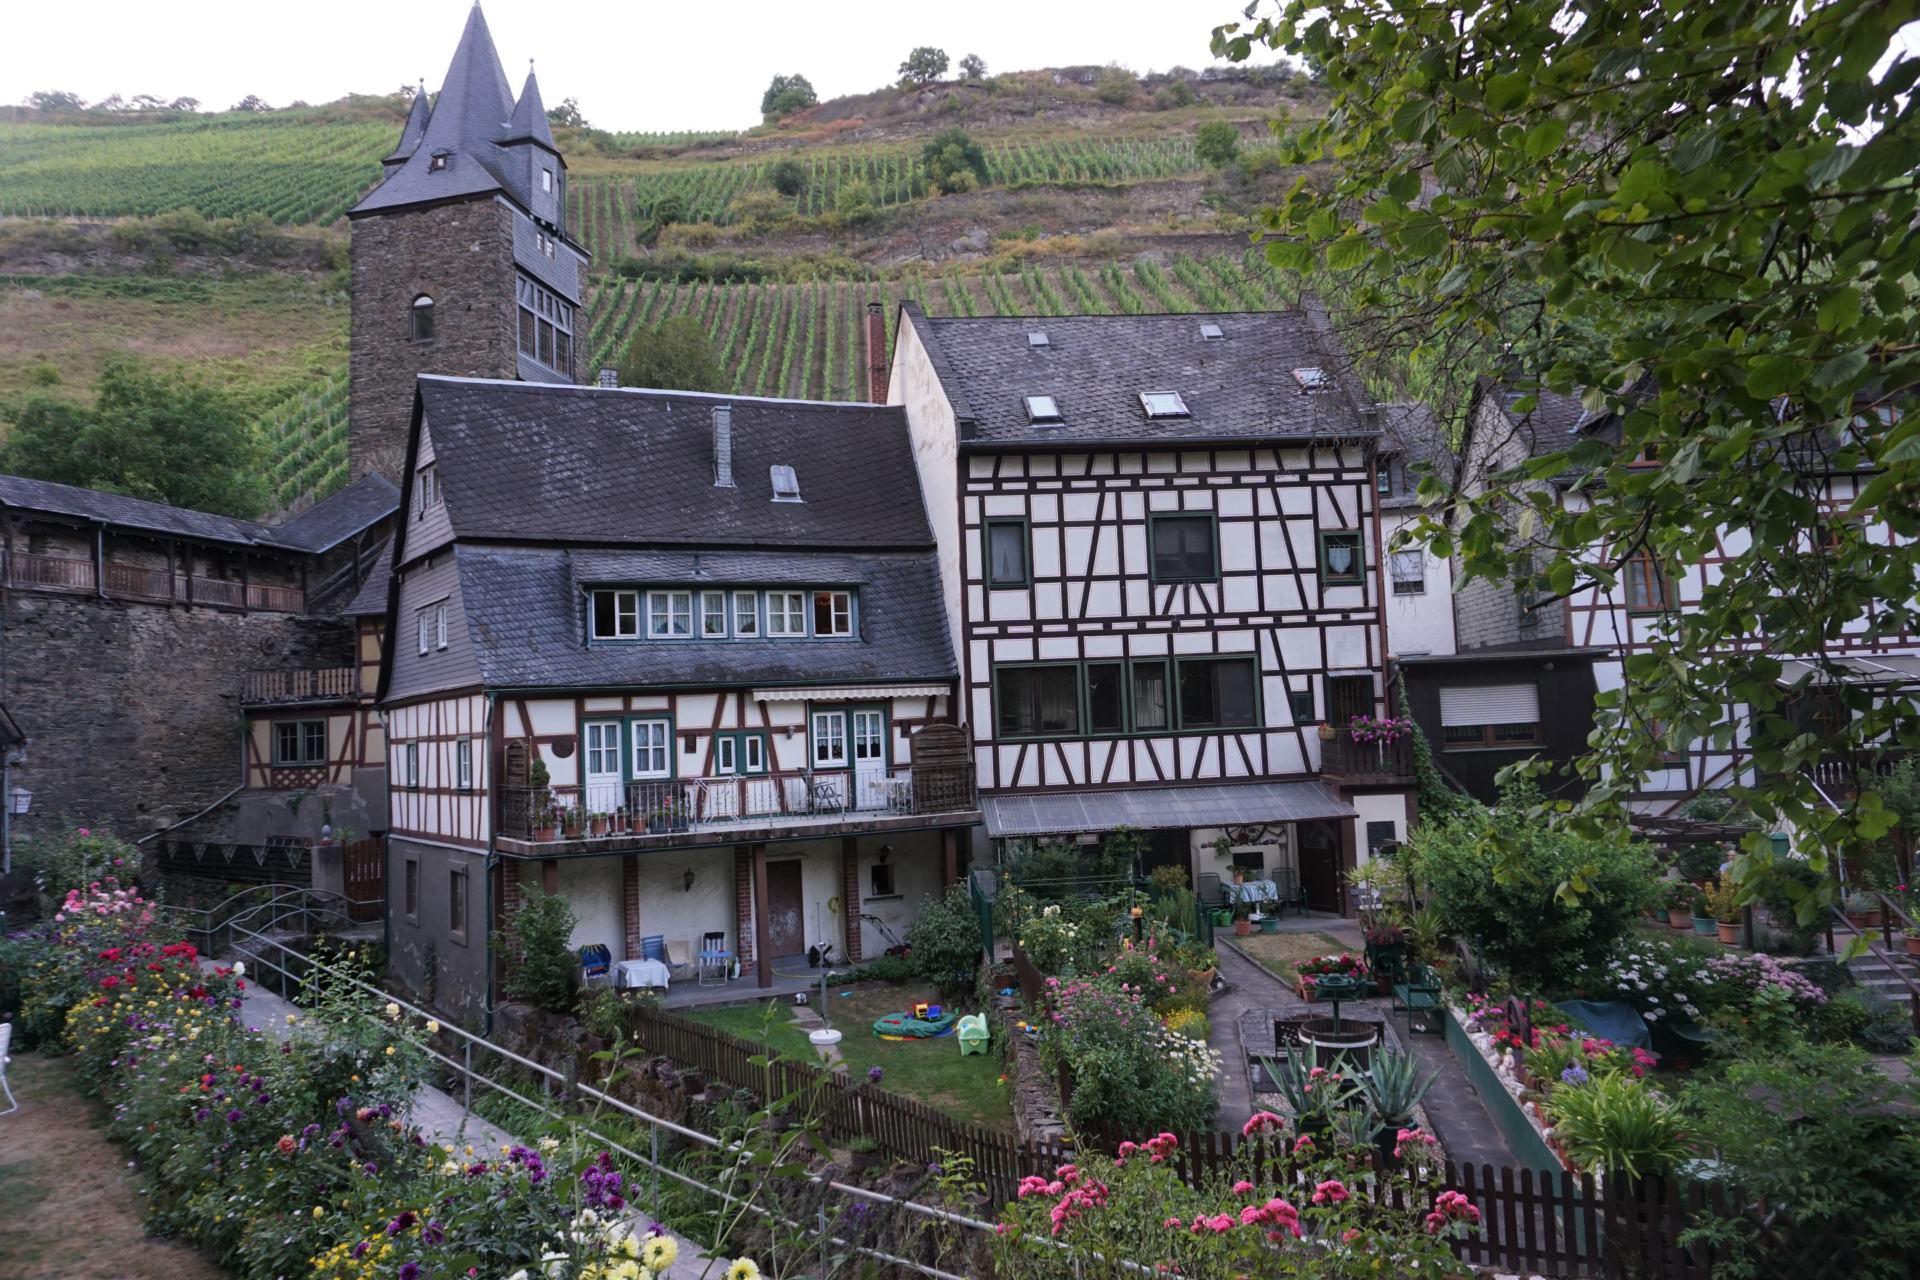 Fachwerkhäuser und bunte Gärten in Bacharach